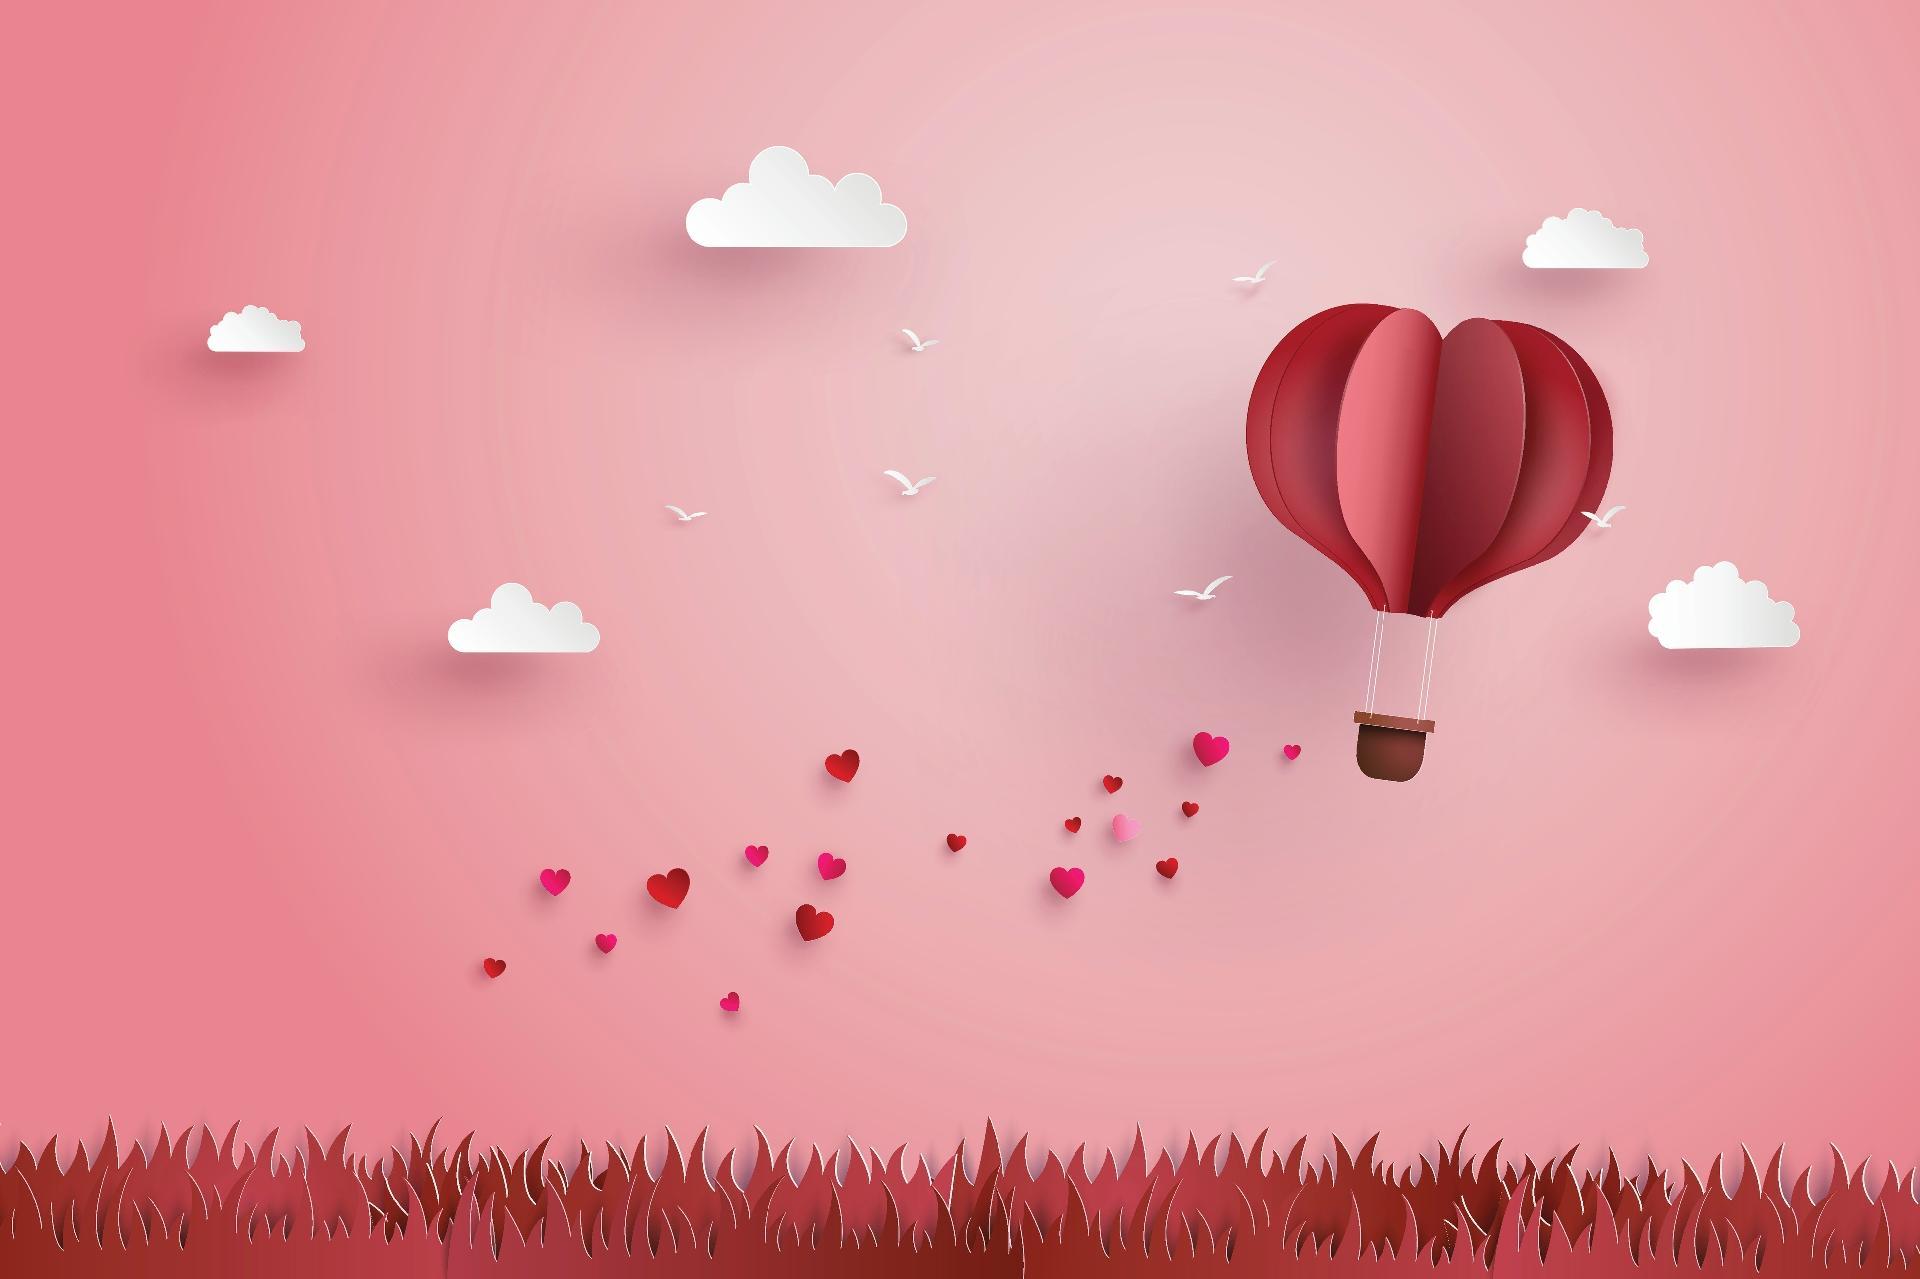 Amor Em Fevereiro Leia As Previsões Para O Seu Signo 02022018